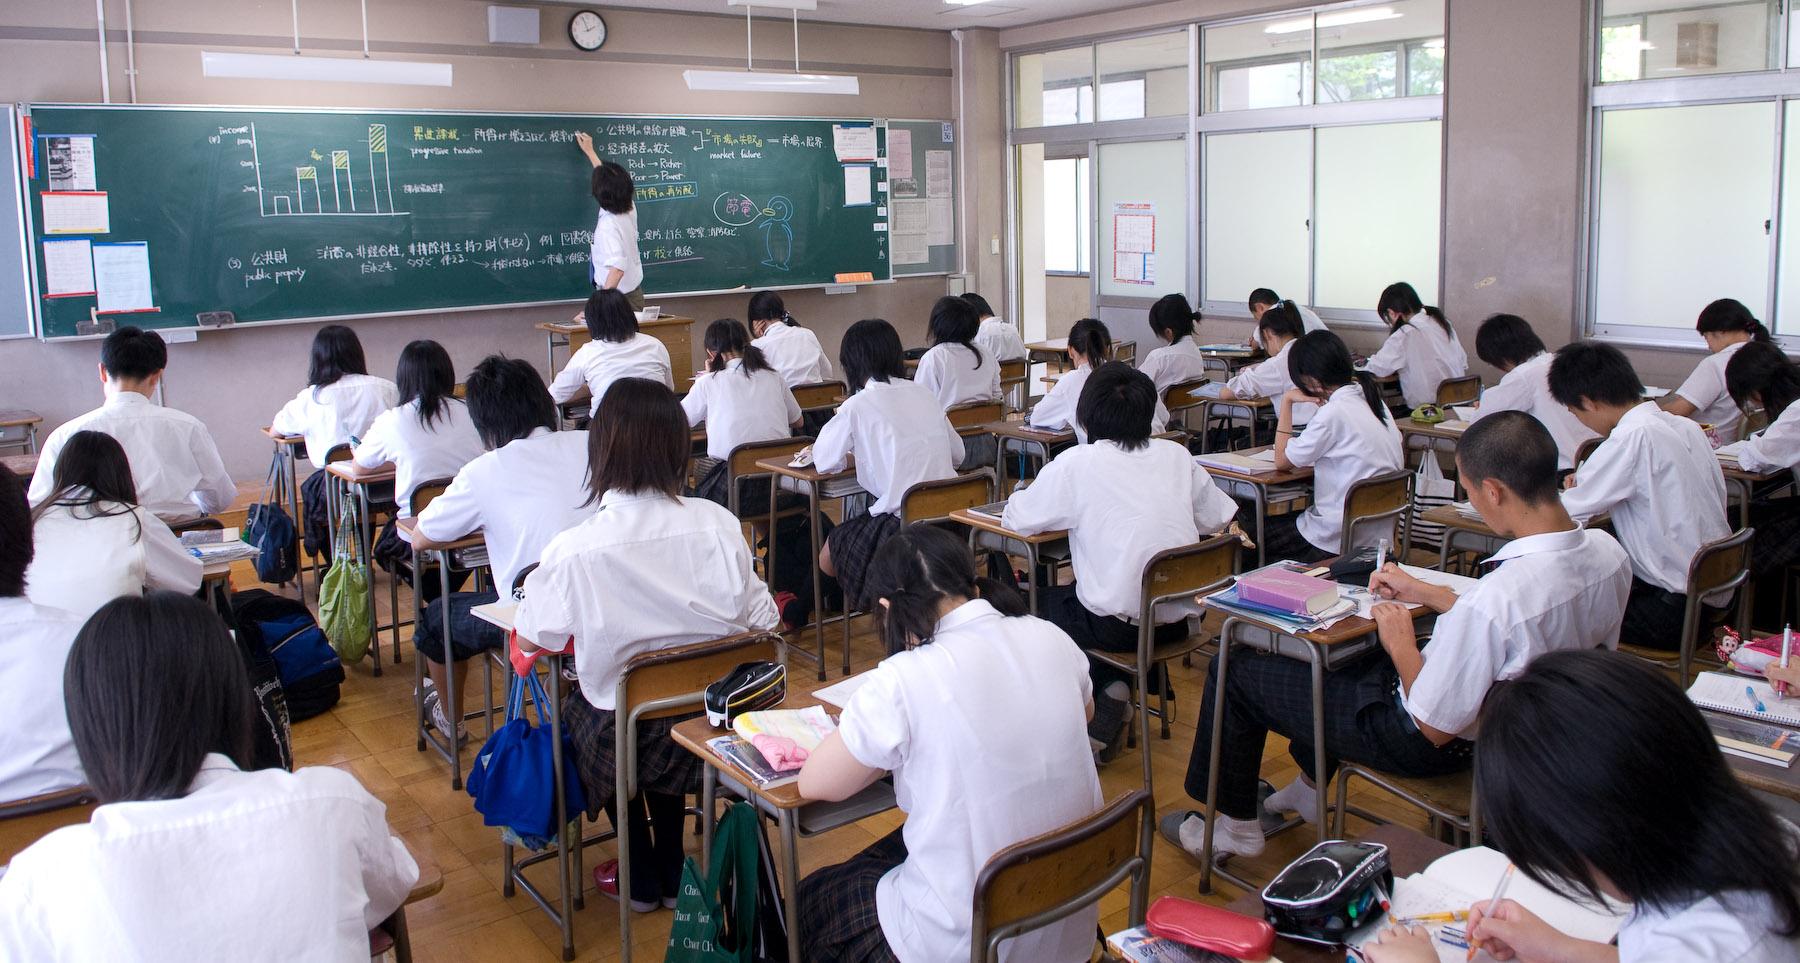 Sistemele de învăţământ performante, Japonia